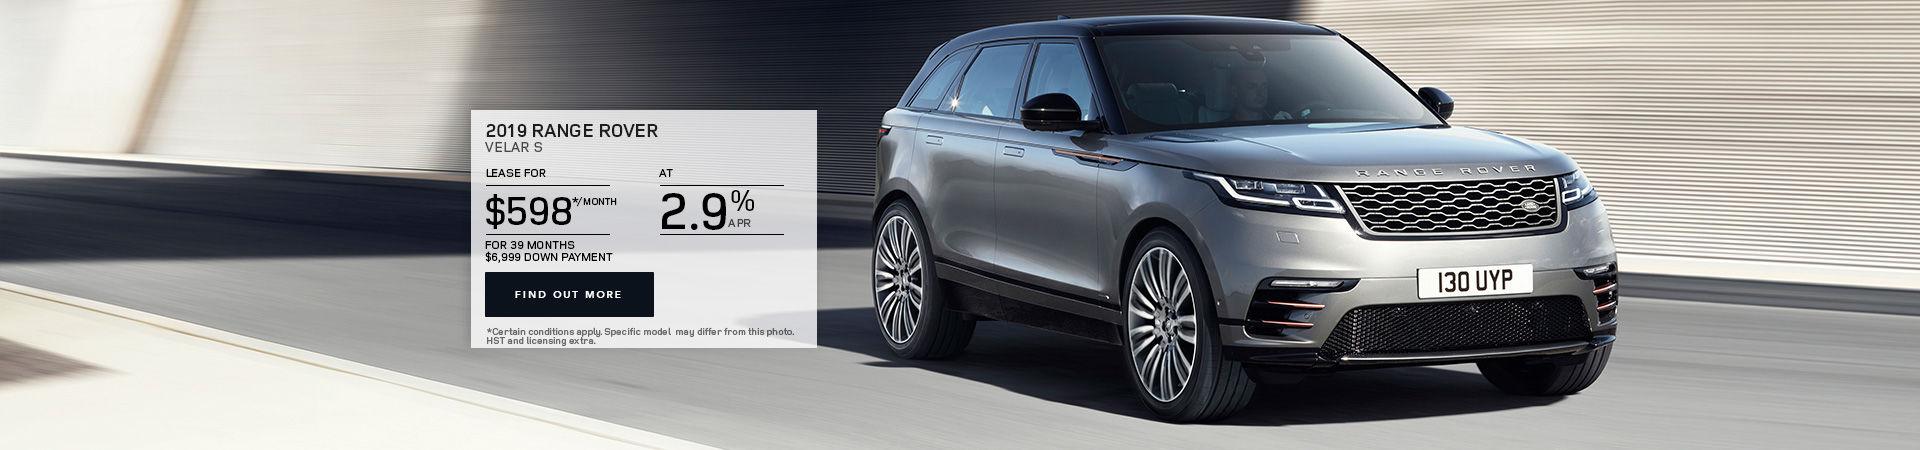 The 2019 Range Rover Velar S